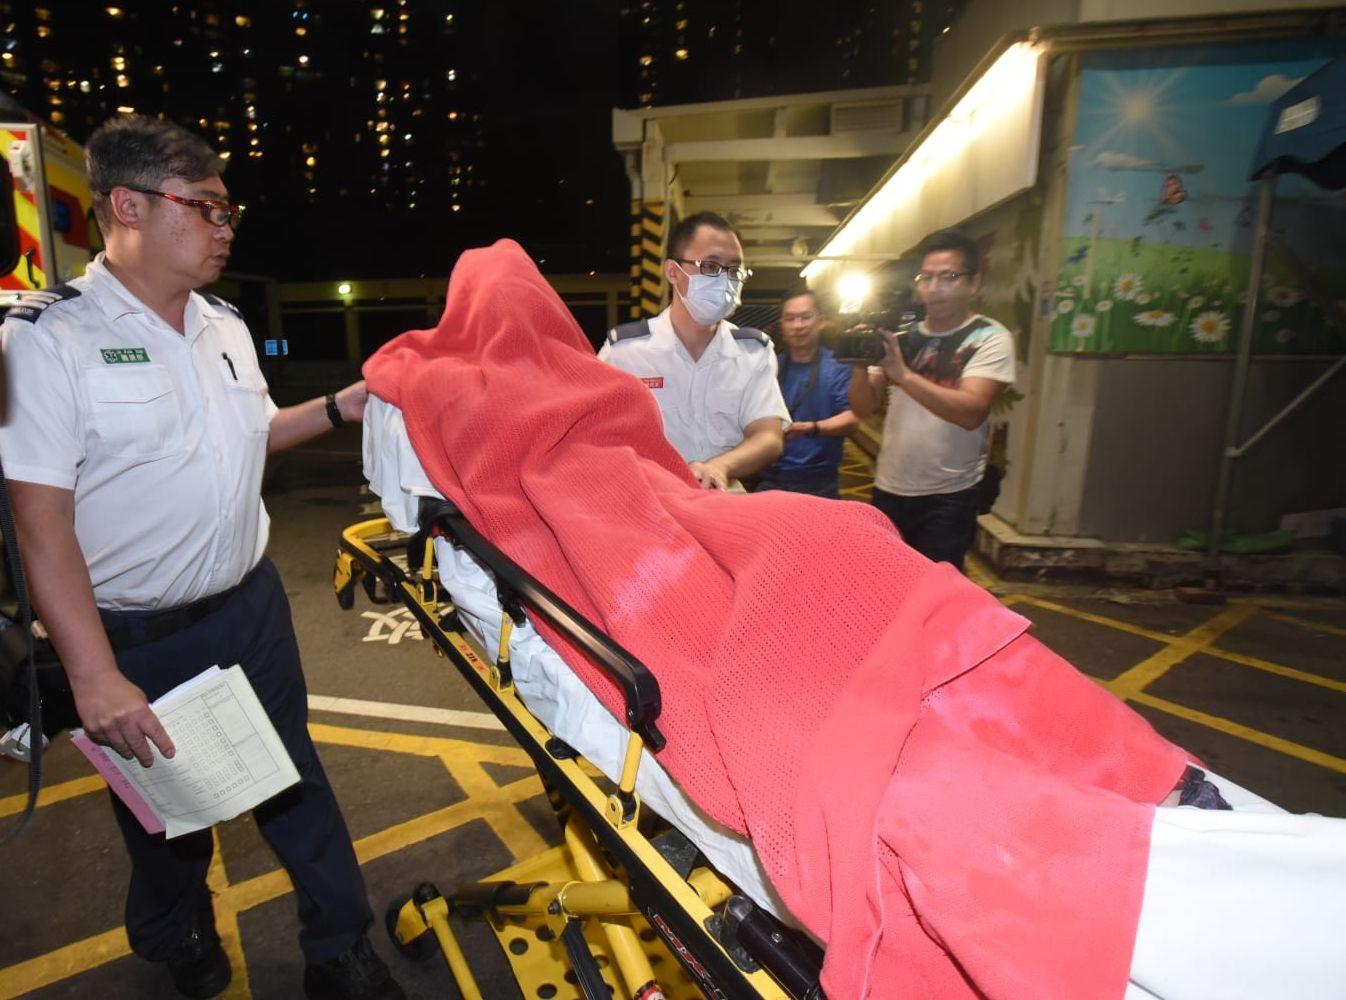 受傷女子清醒由救護車送院治理。